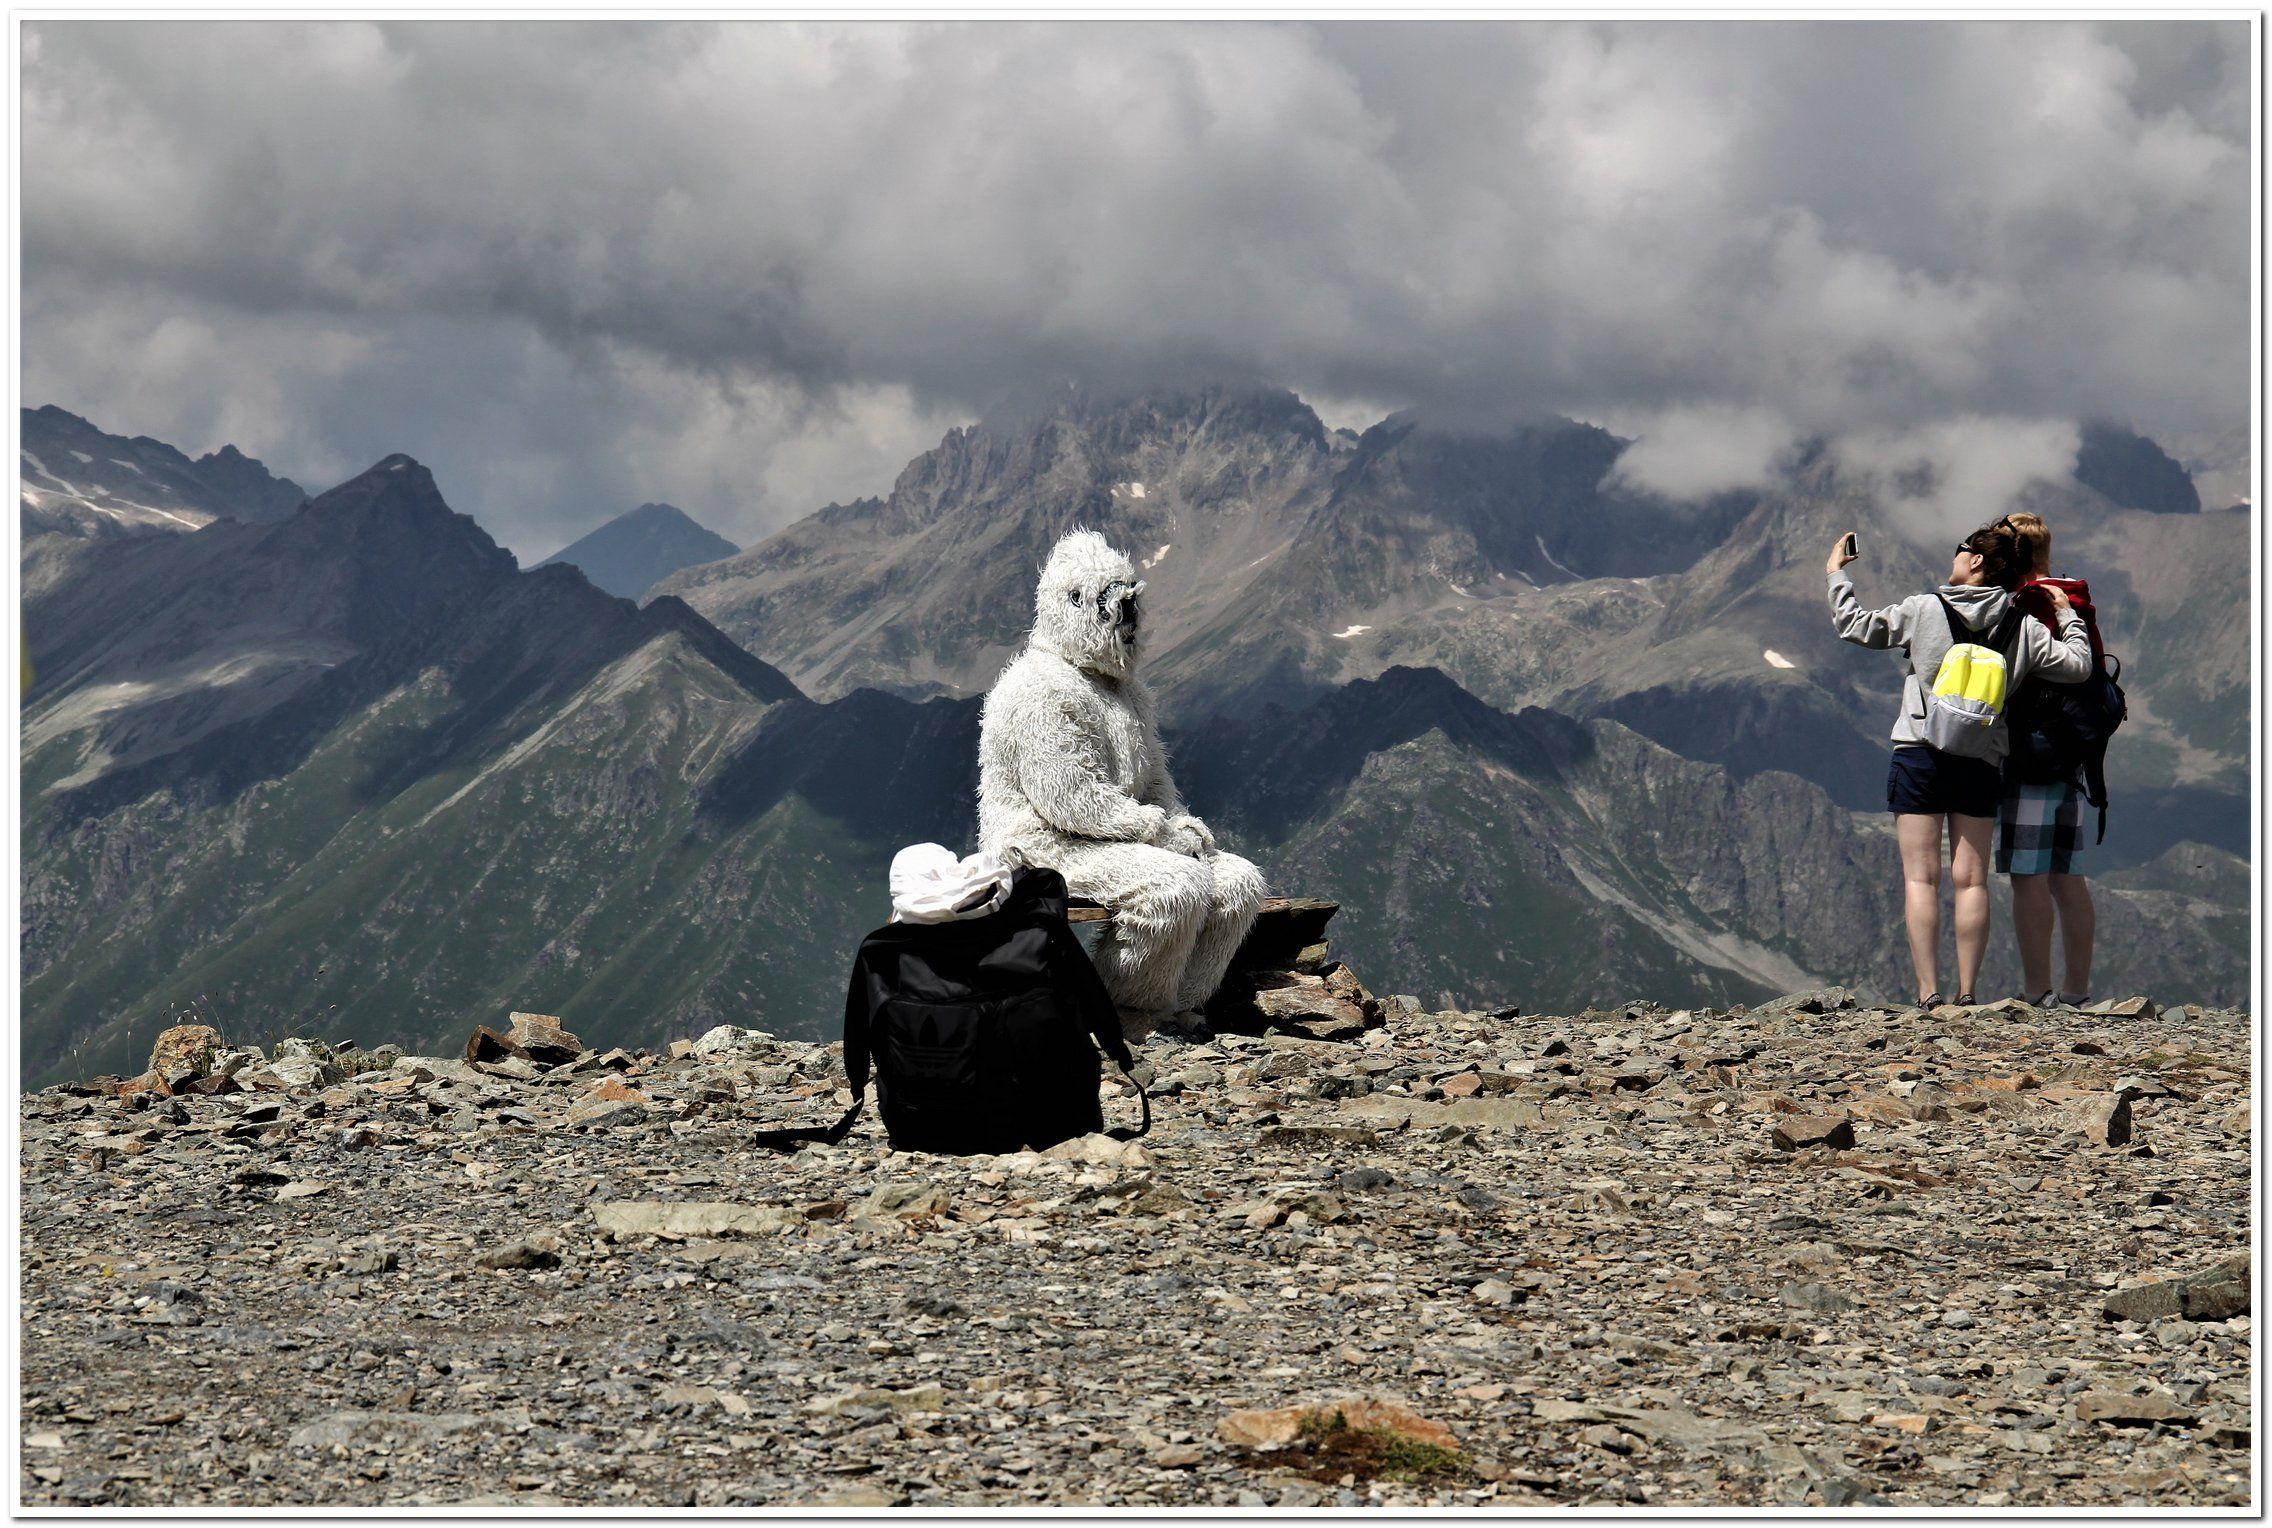 Редчайшая фотография снежного человека. Как видите снежный человек очень устал и присел отдохнуть на лавочку. Вот тут я его и заснял.